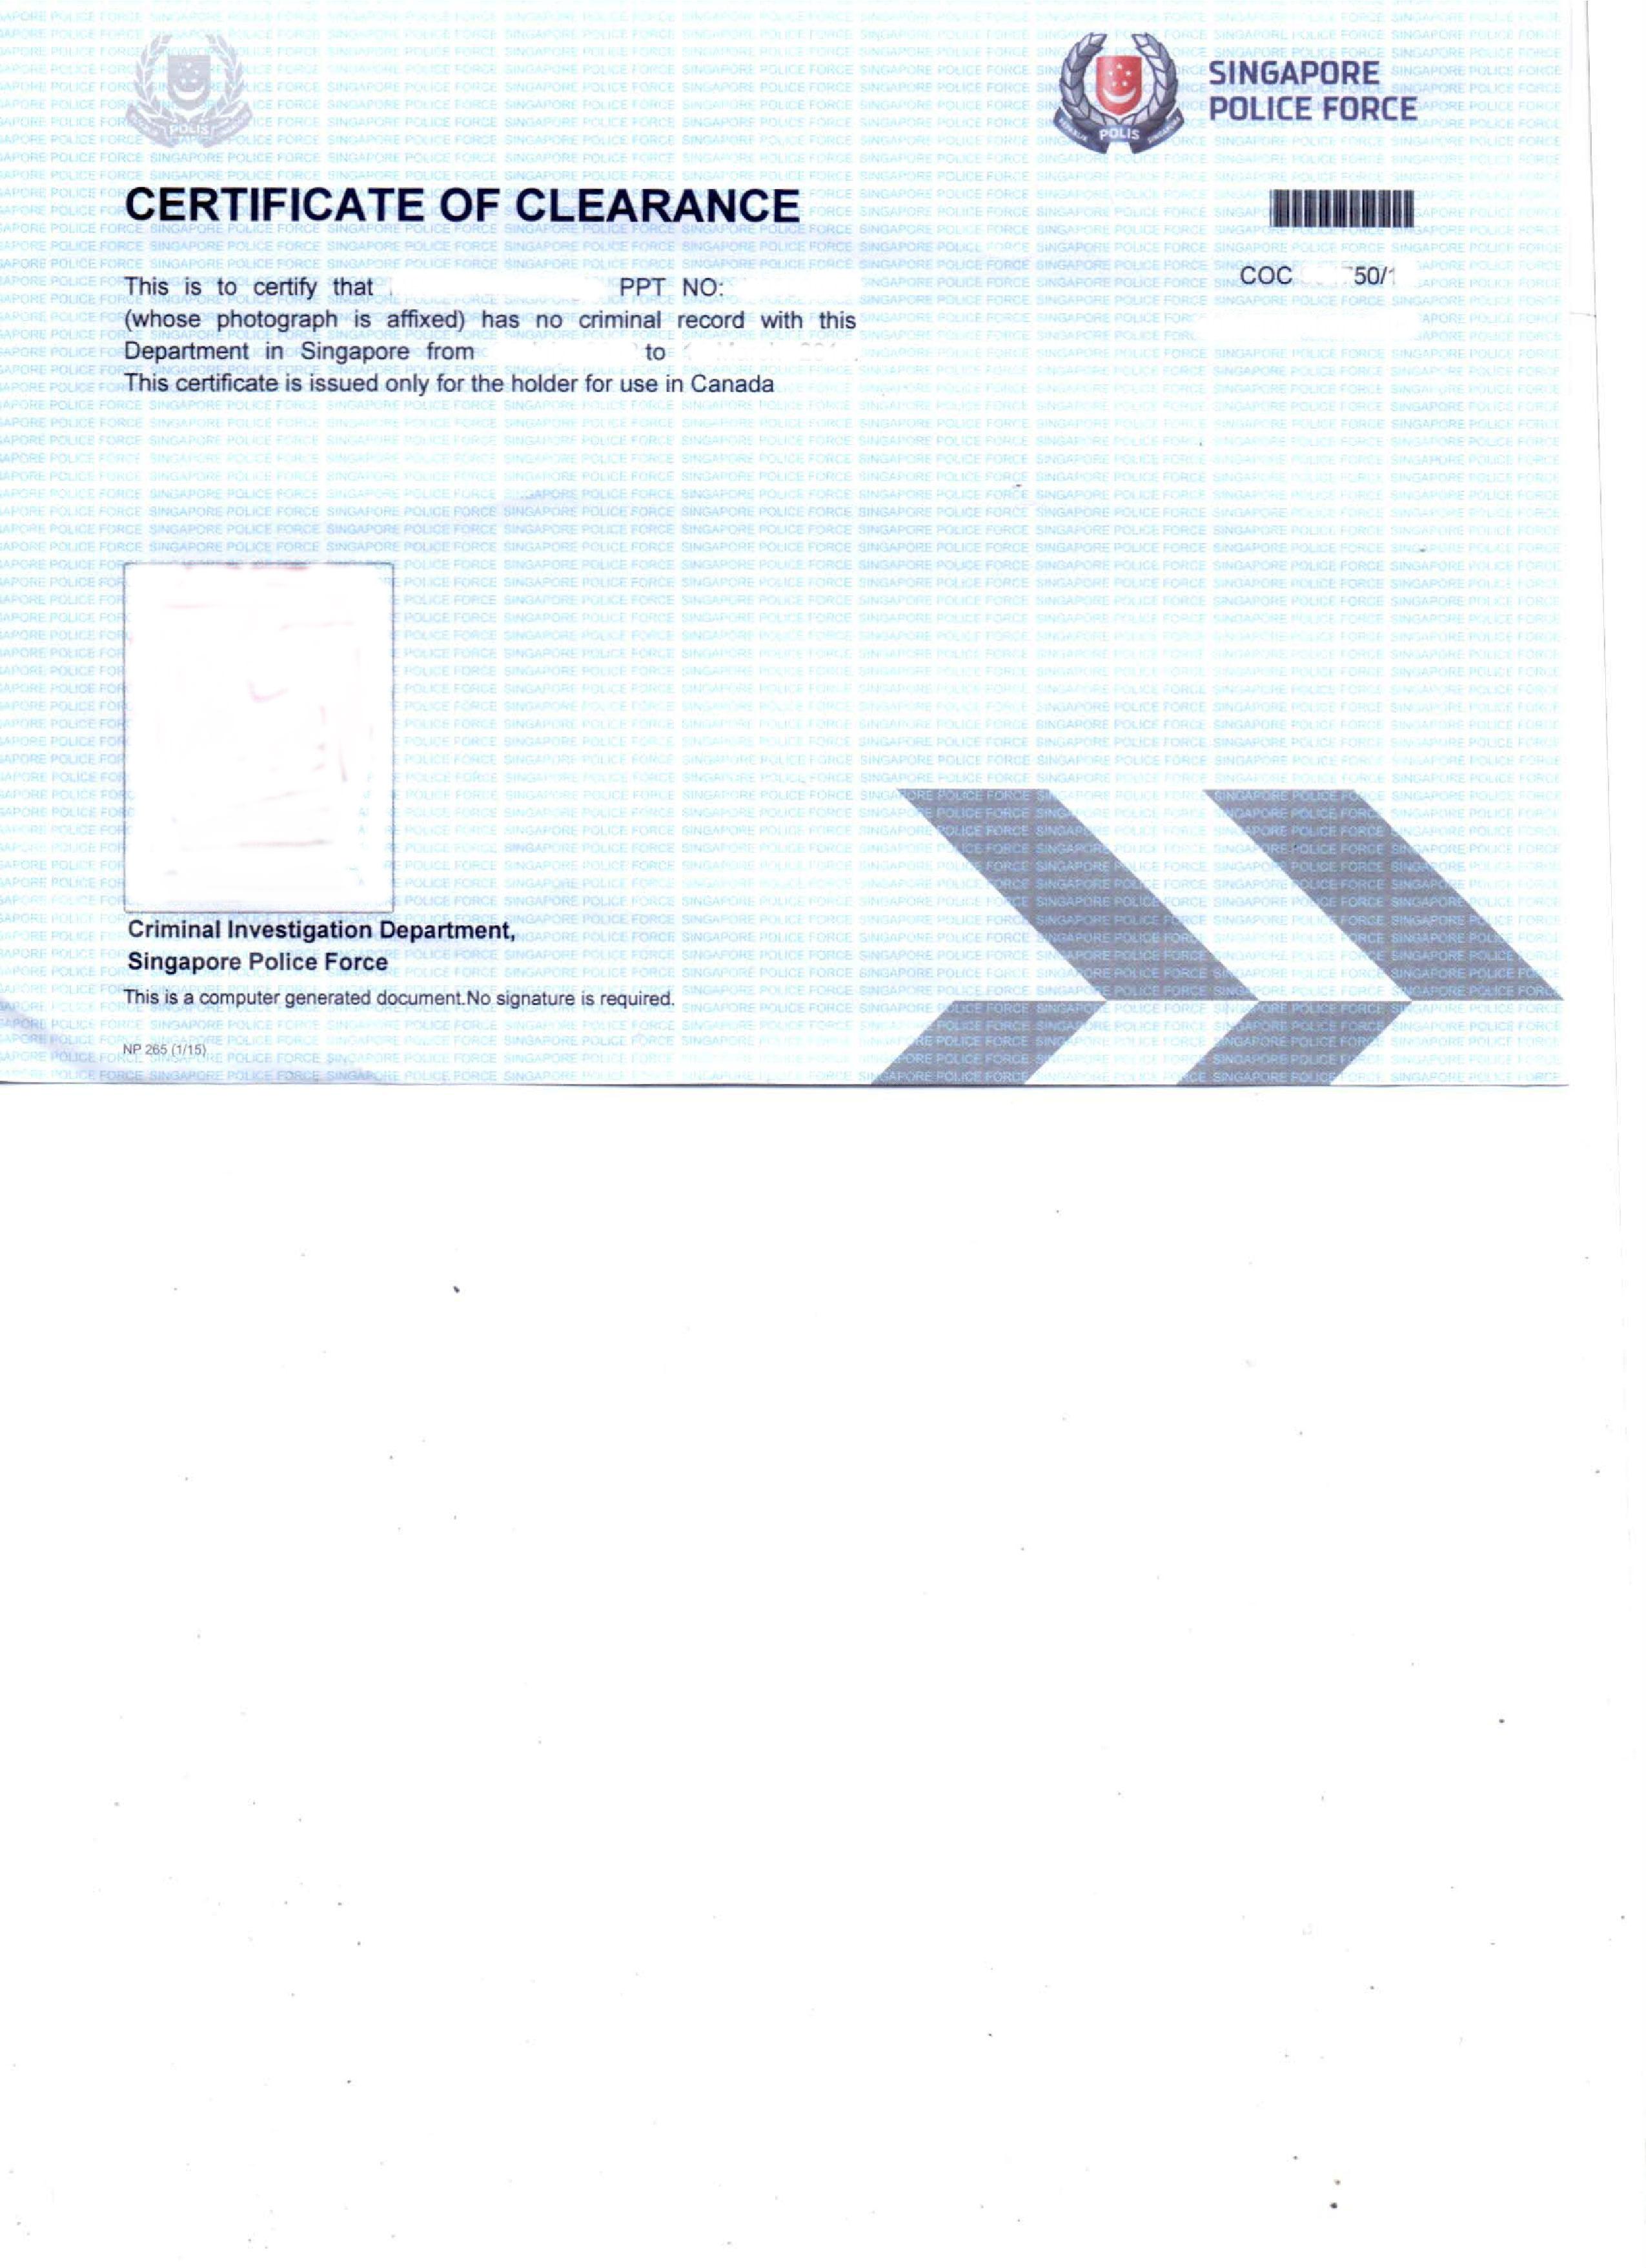 Police clearance certificate coc singapore delhi mumbai singapore coc pcc delhi xflitez Image collections